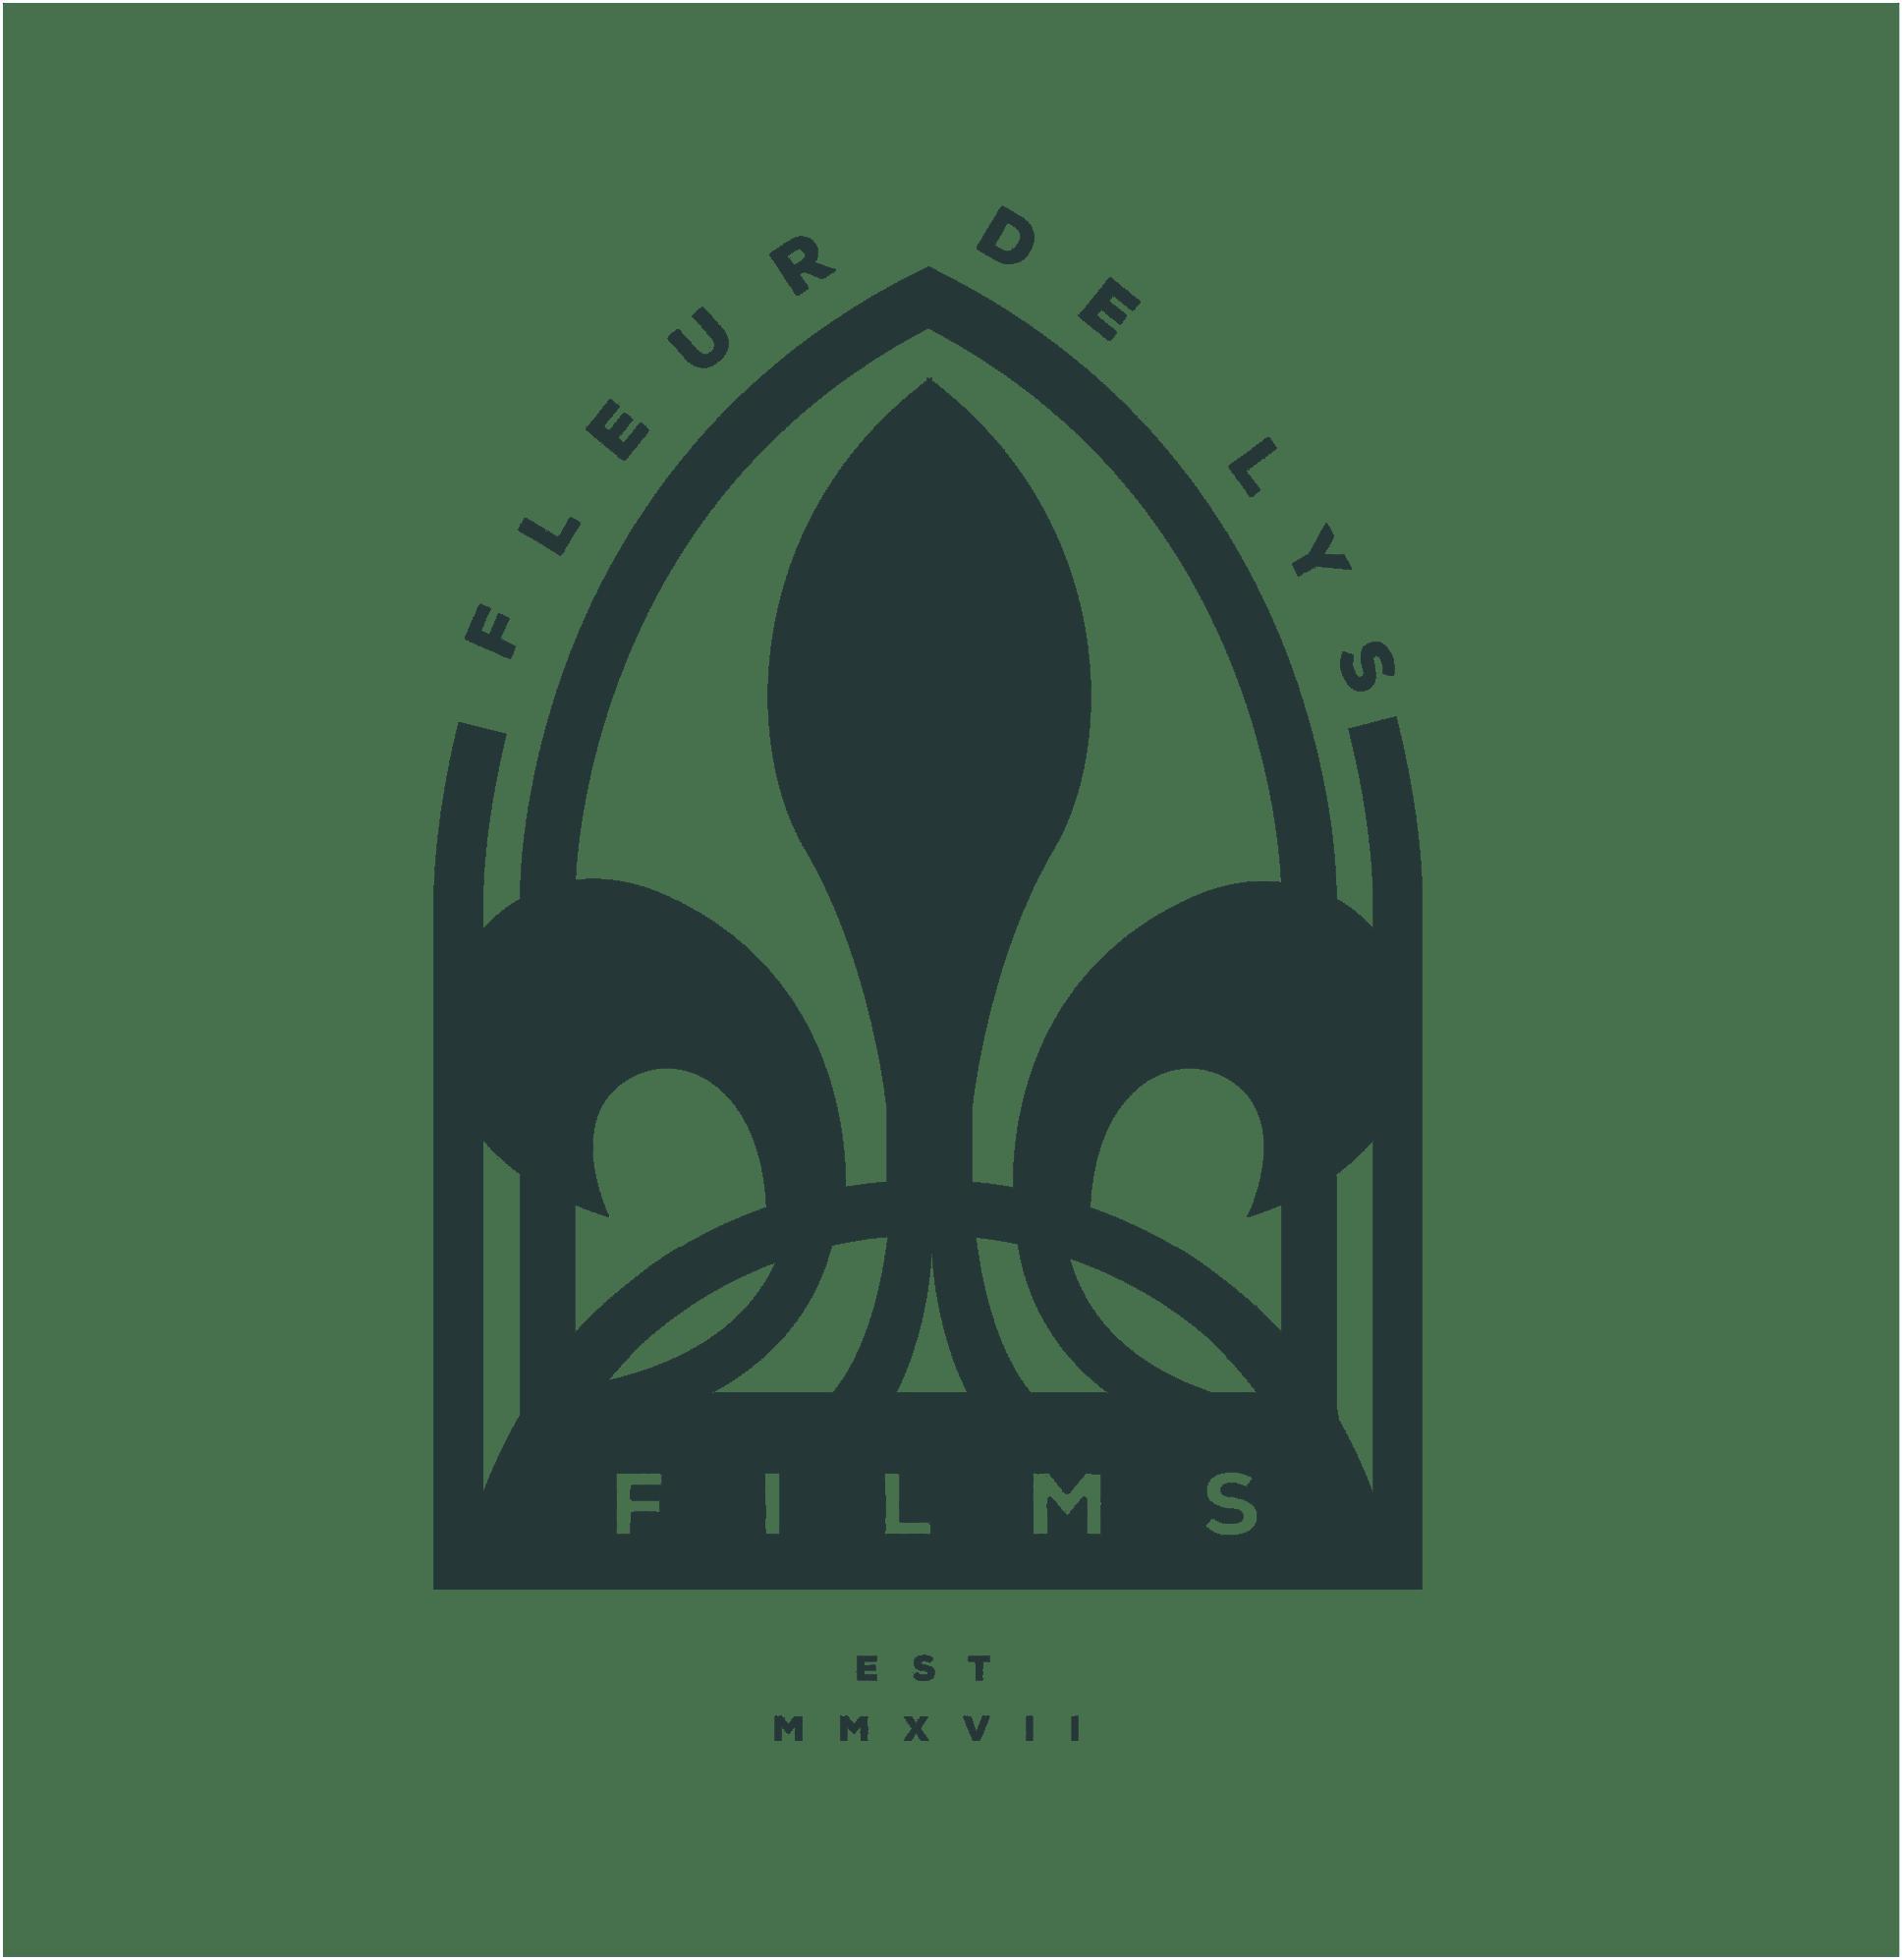 Fleur de Lys Films